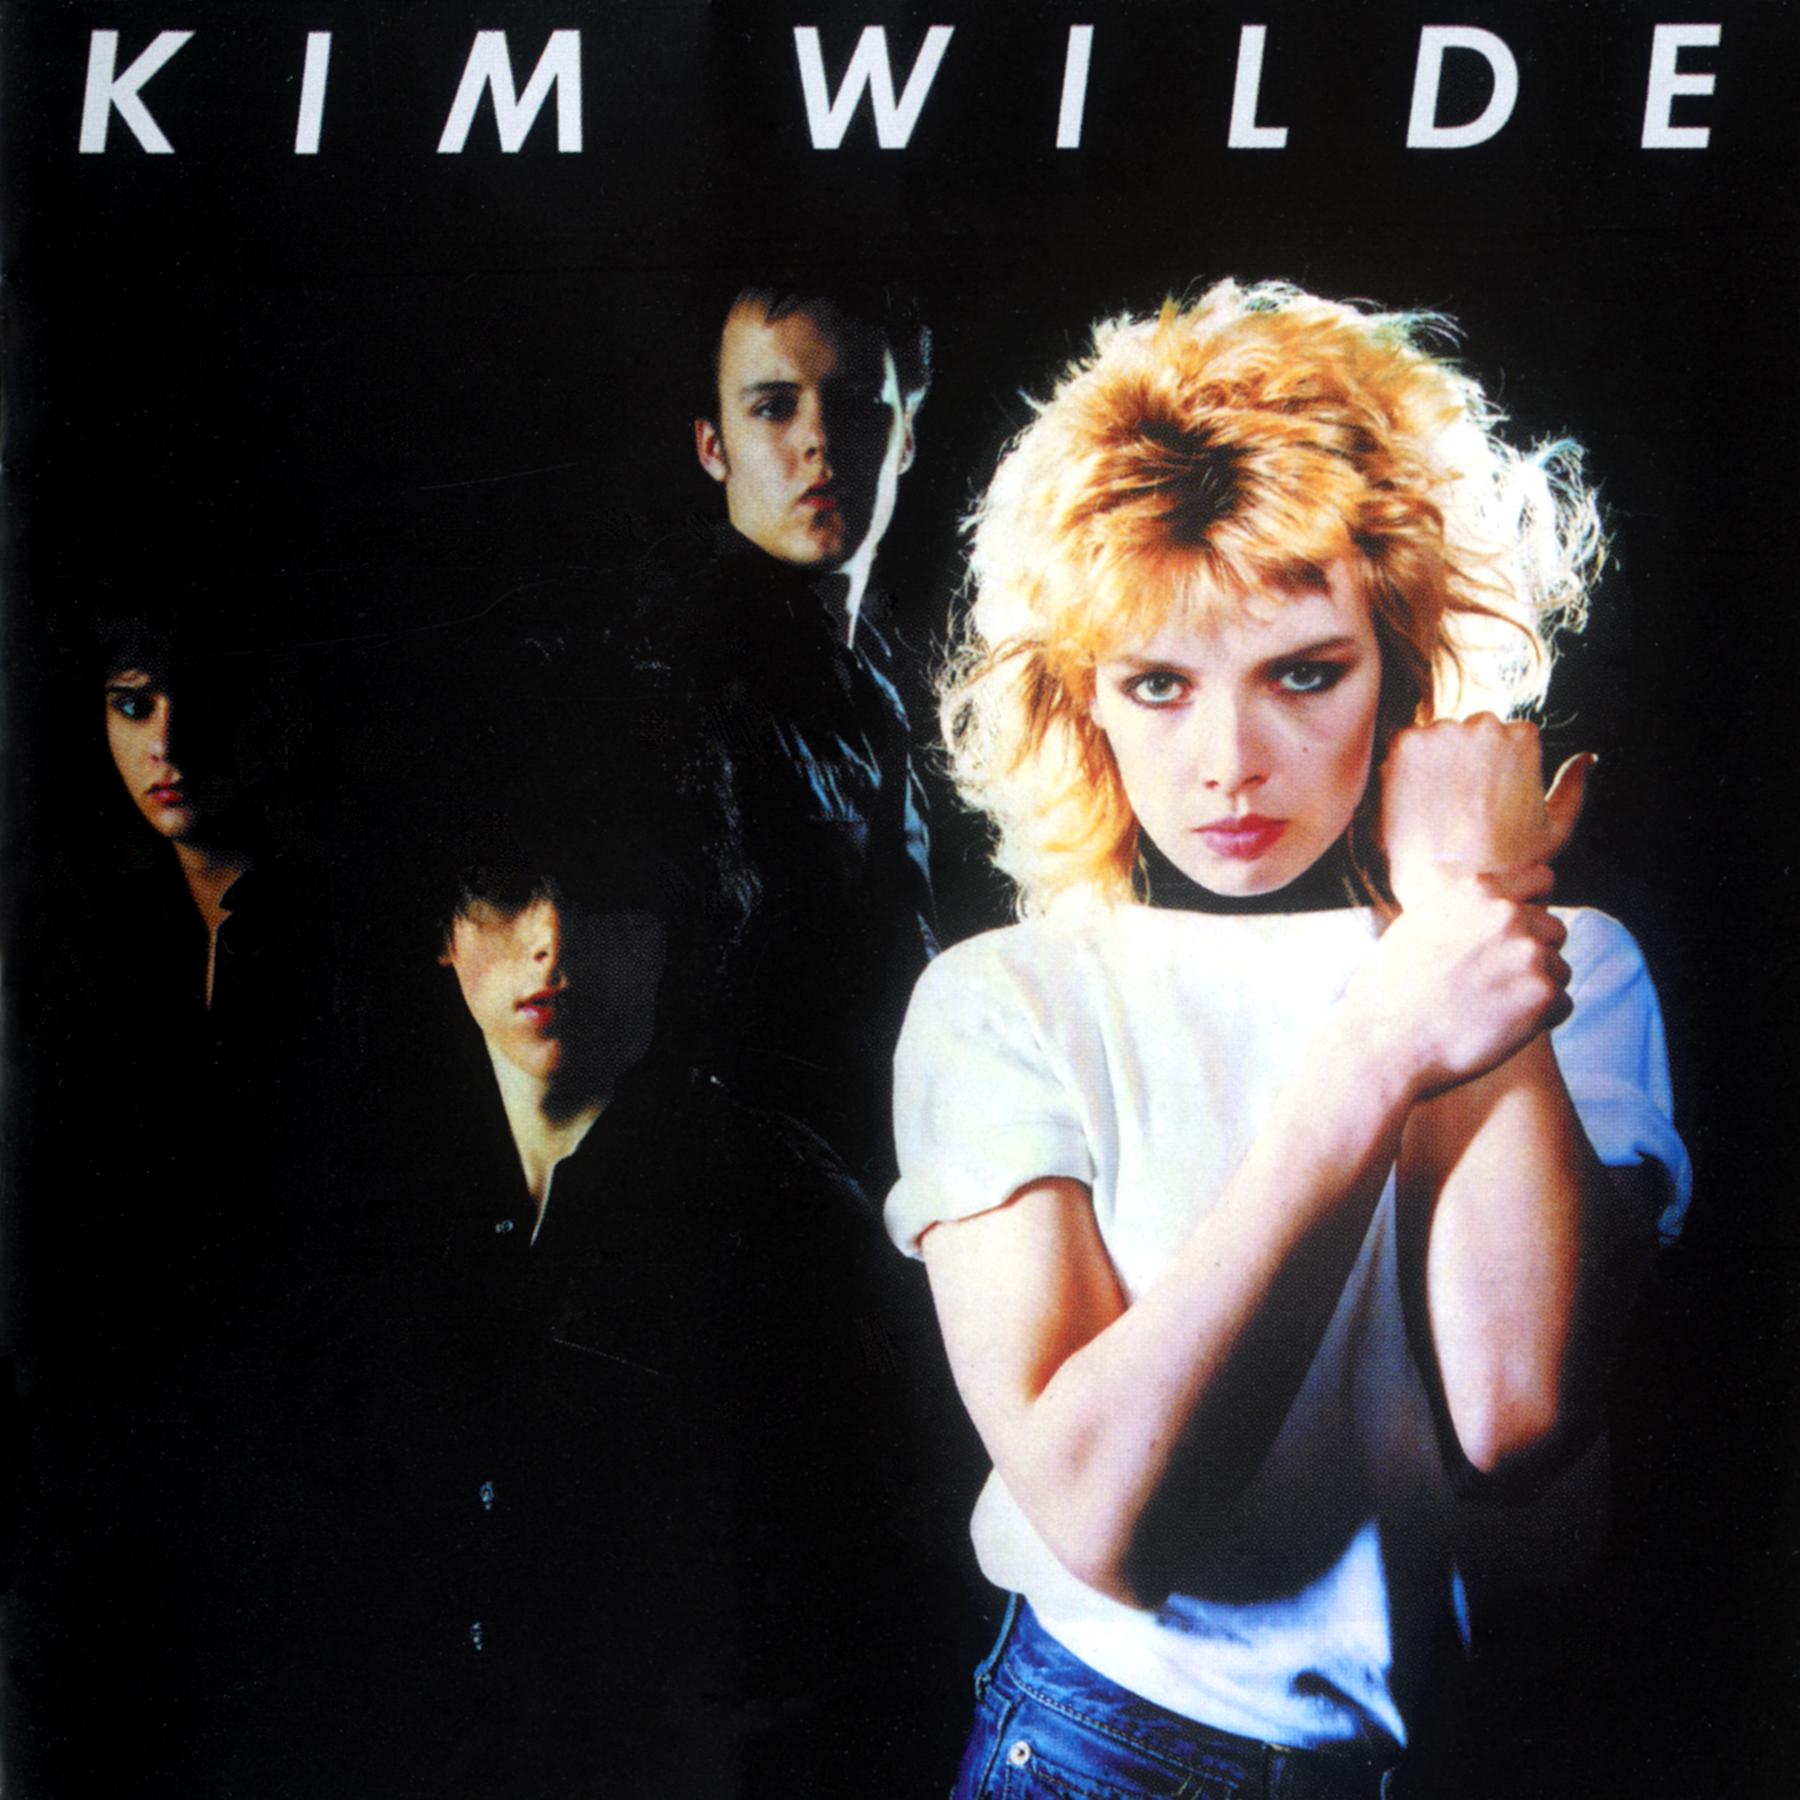 Kim Wilde by Kim Wilde